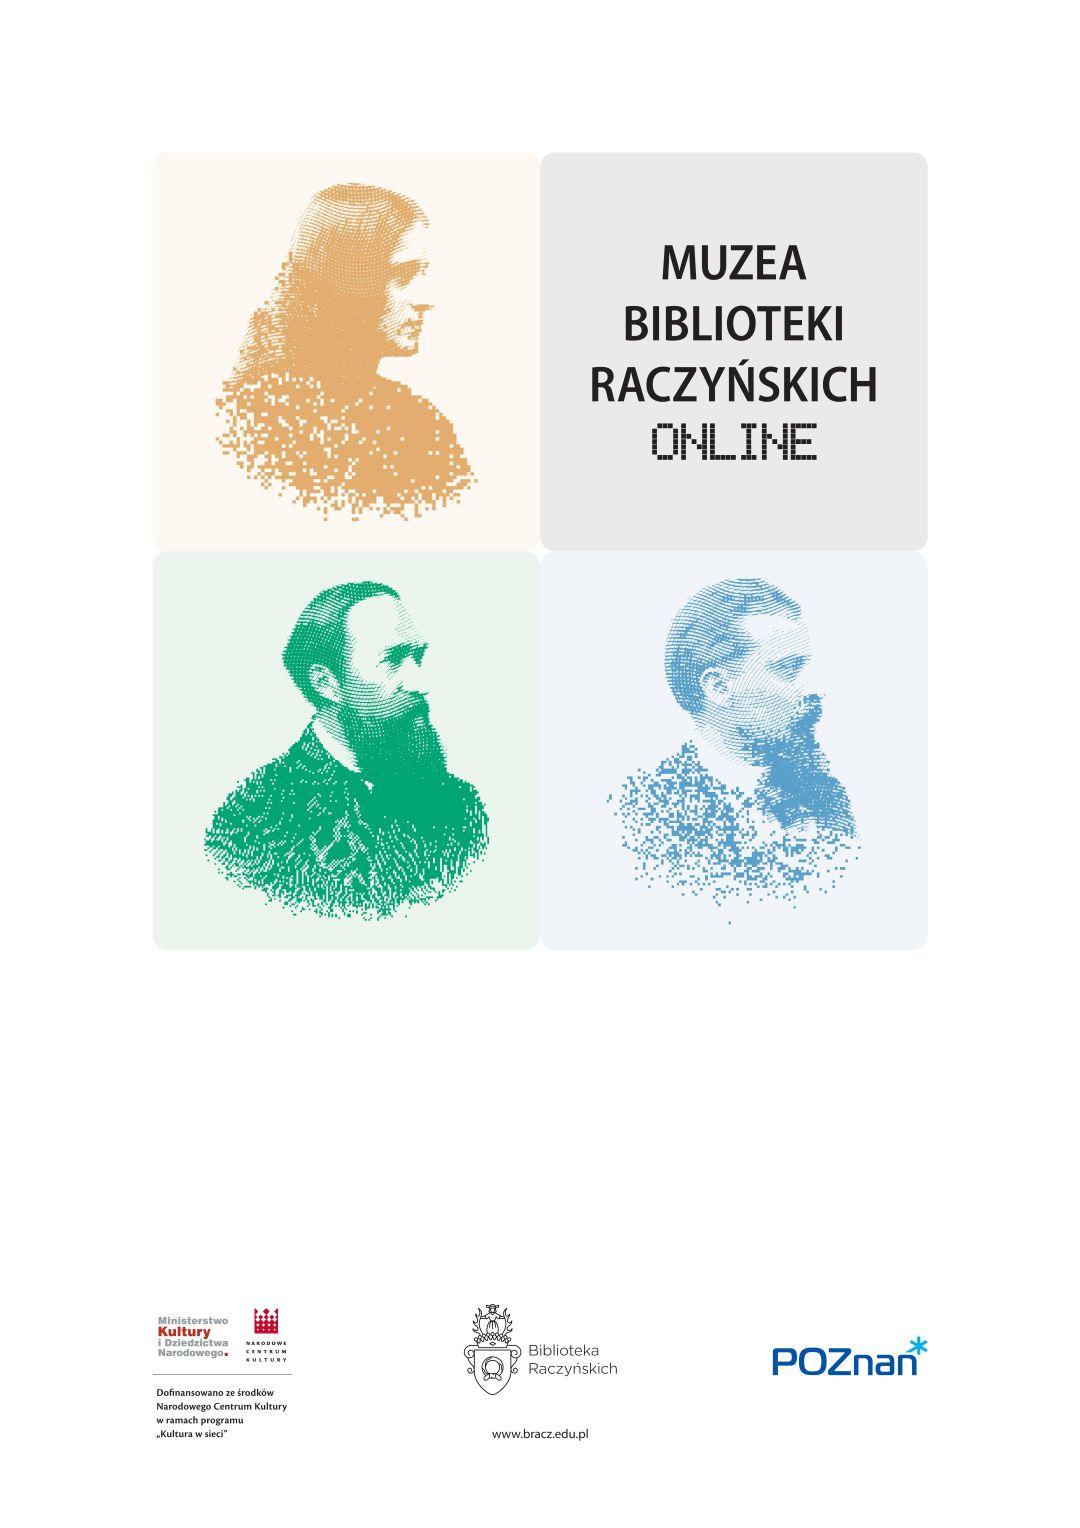 Muzea Biblioteki Raczyńskich online, plakat z wizerunkiem Ilłakowiczówny, Kraszewskeigo i Sienkiewicza